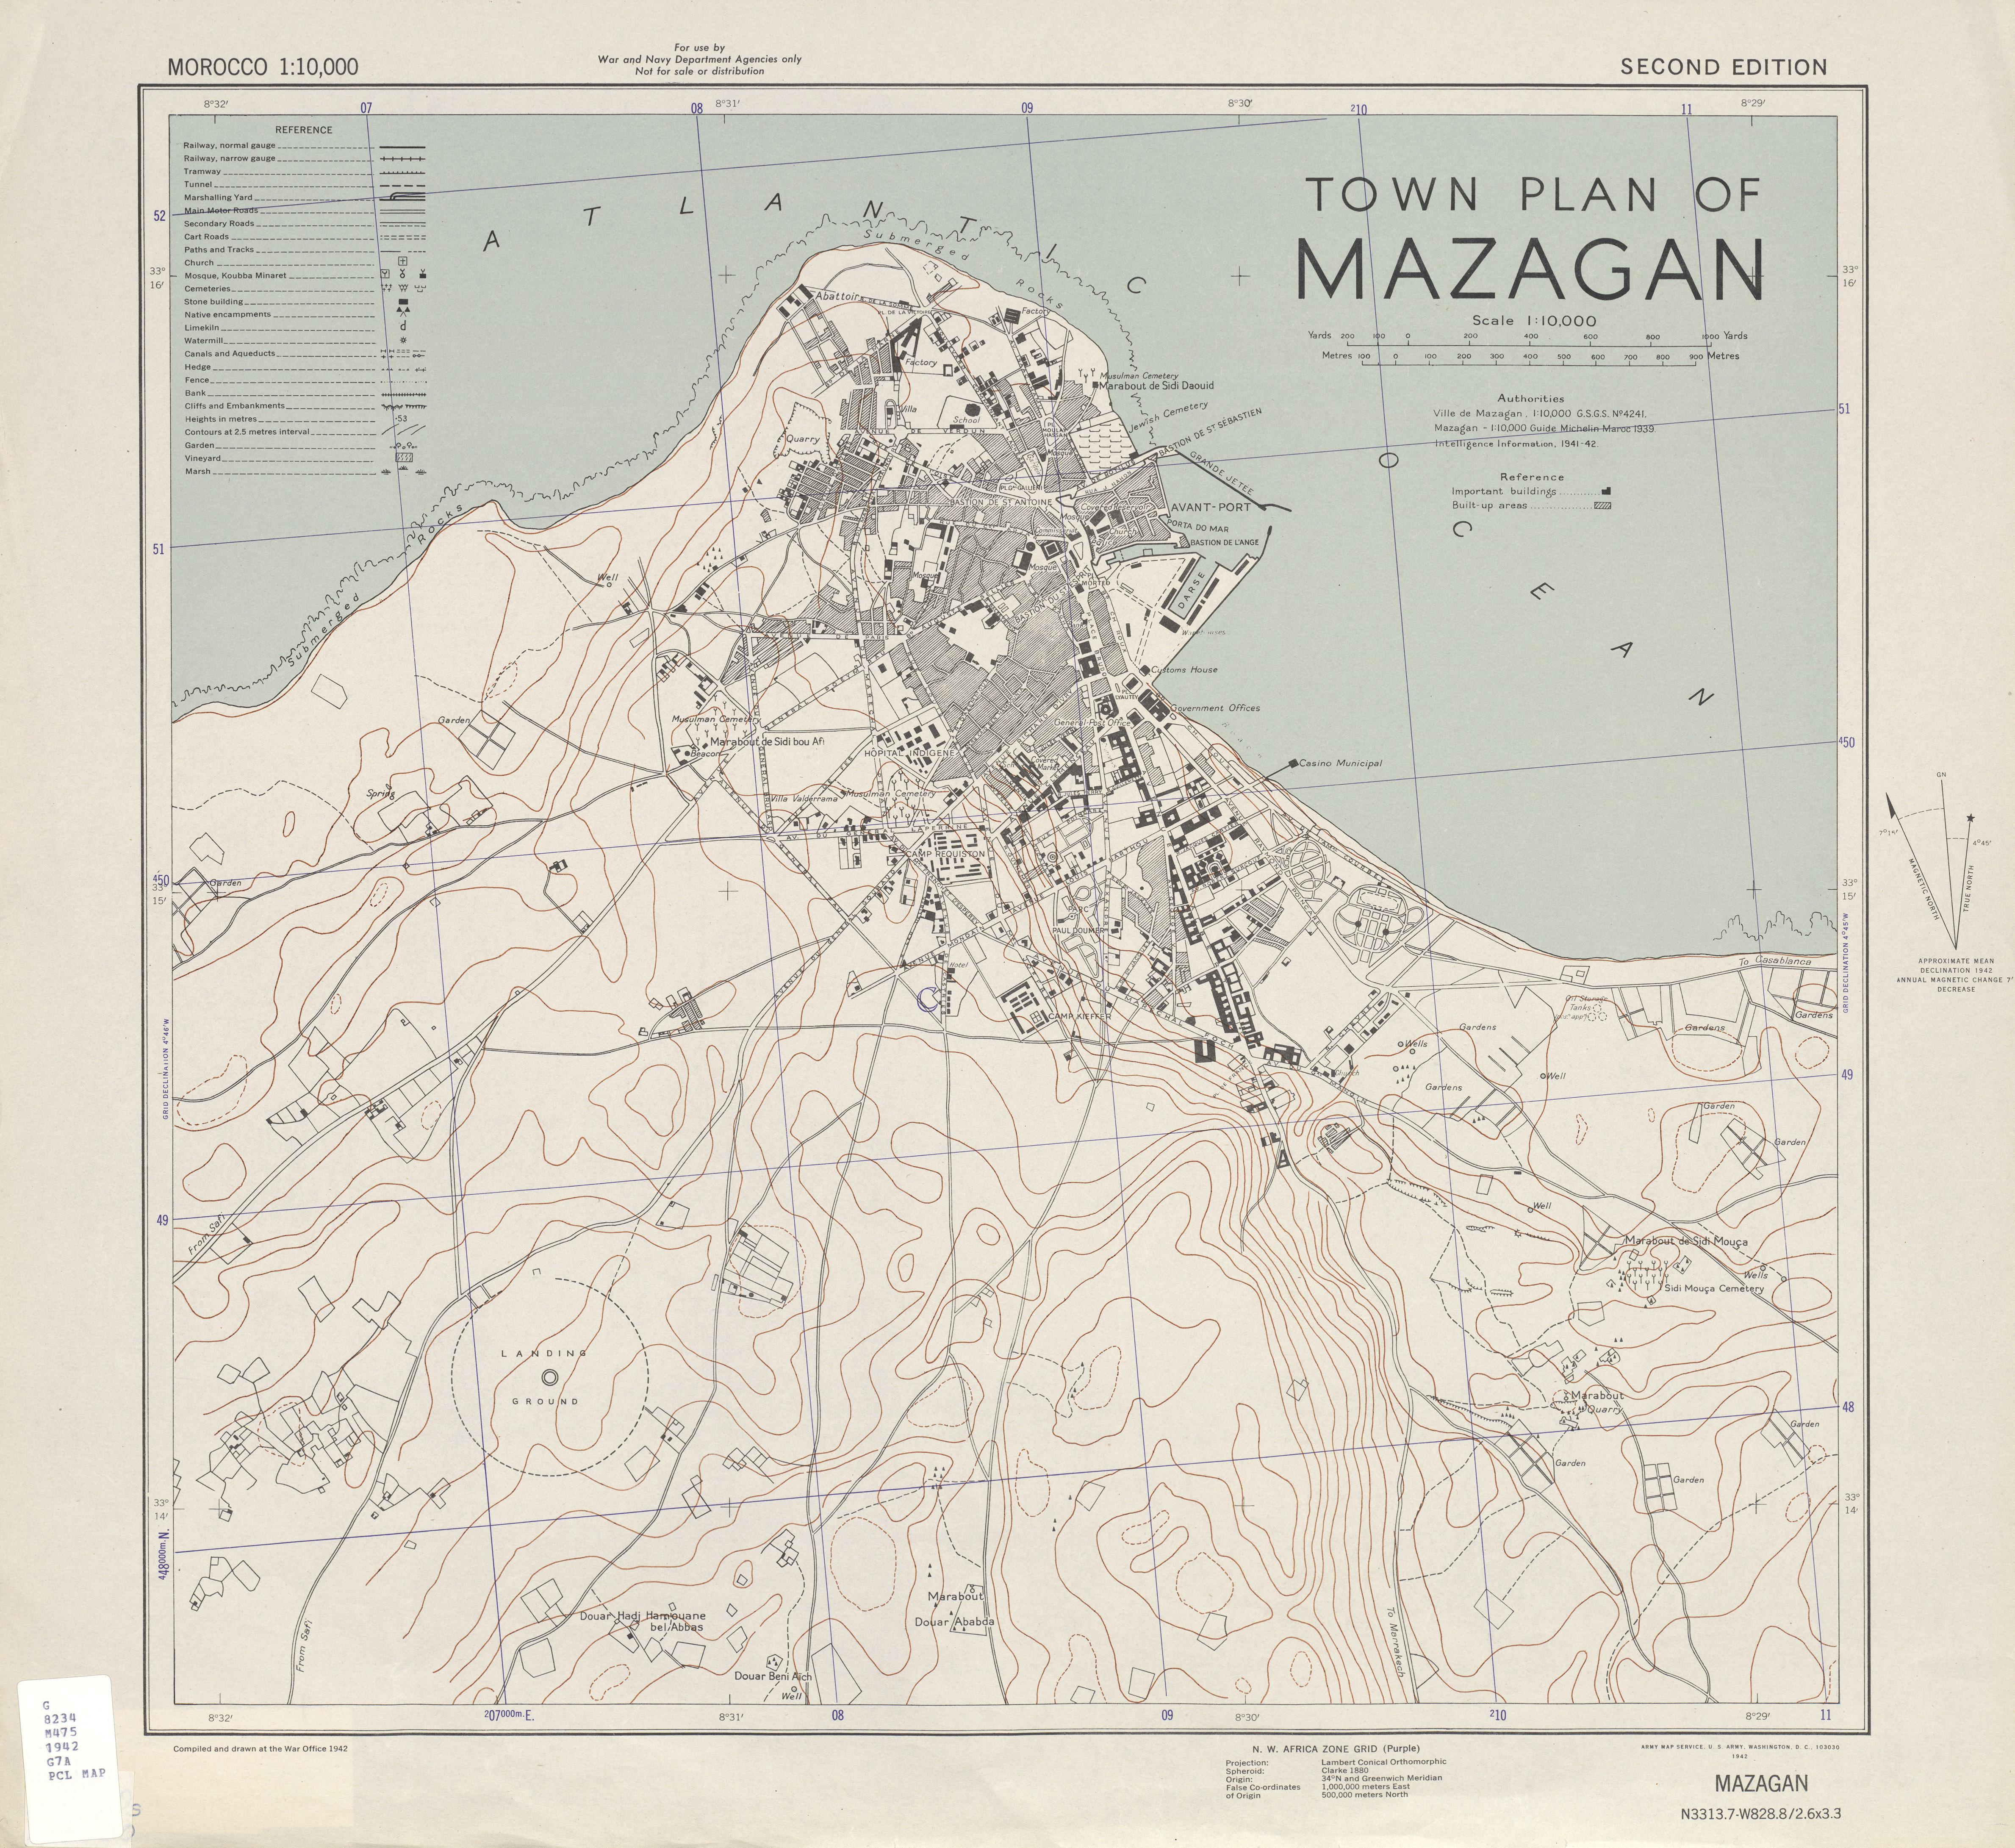 El Jadida (Mazagan) City Map, Morocco 1942